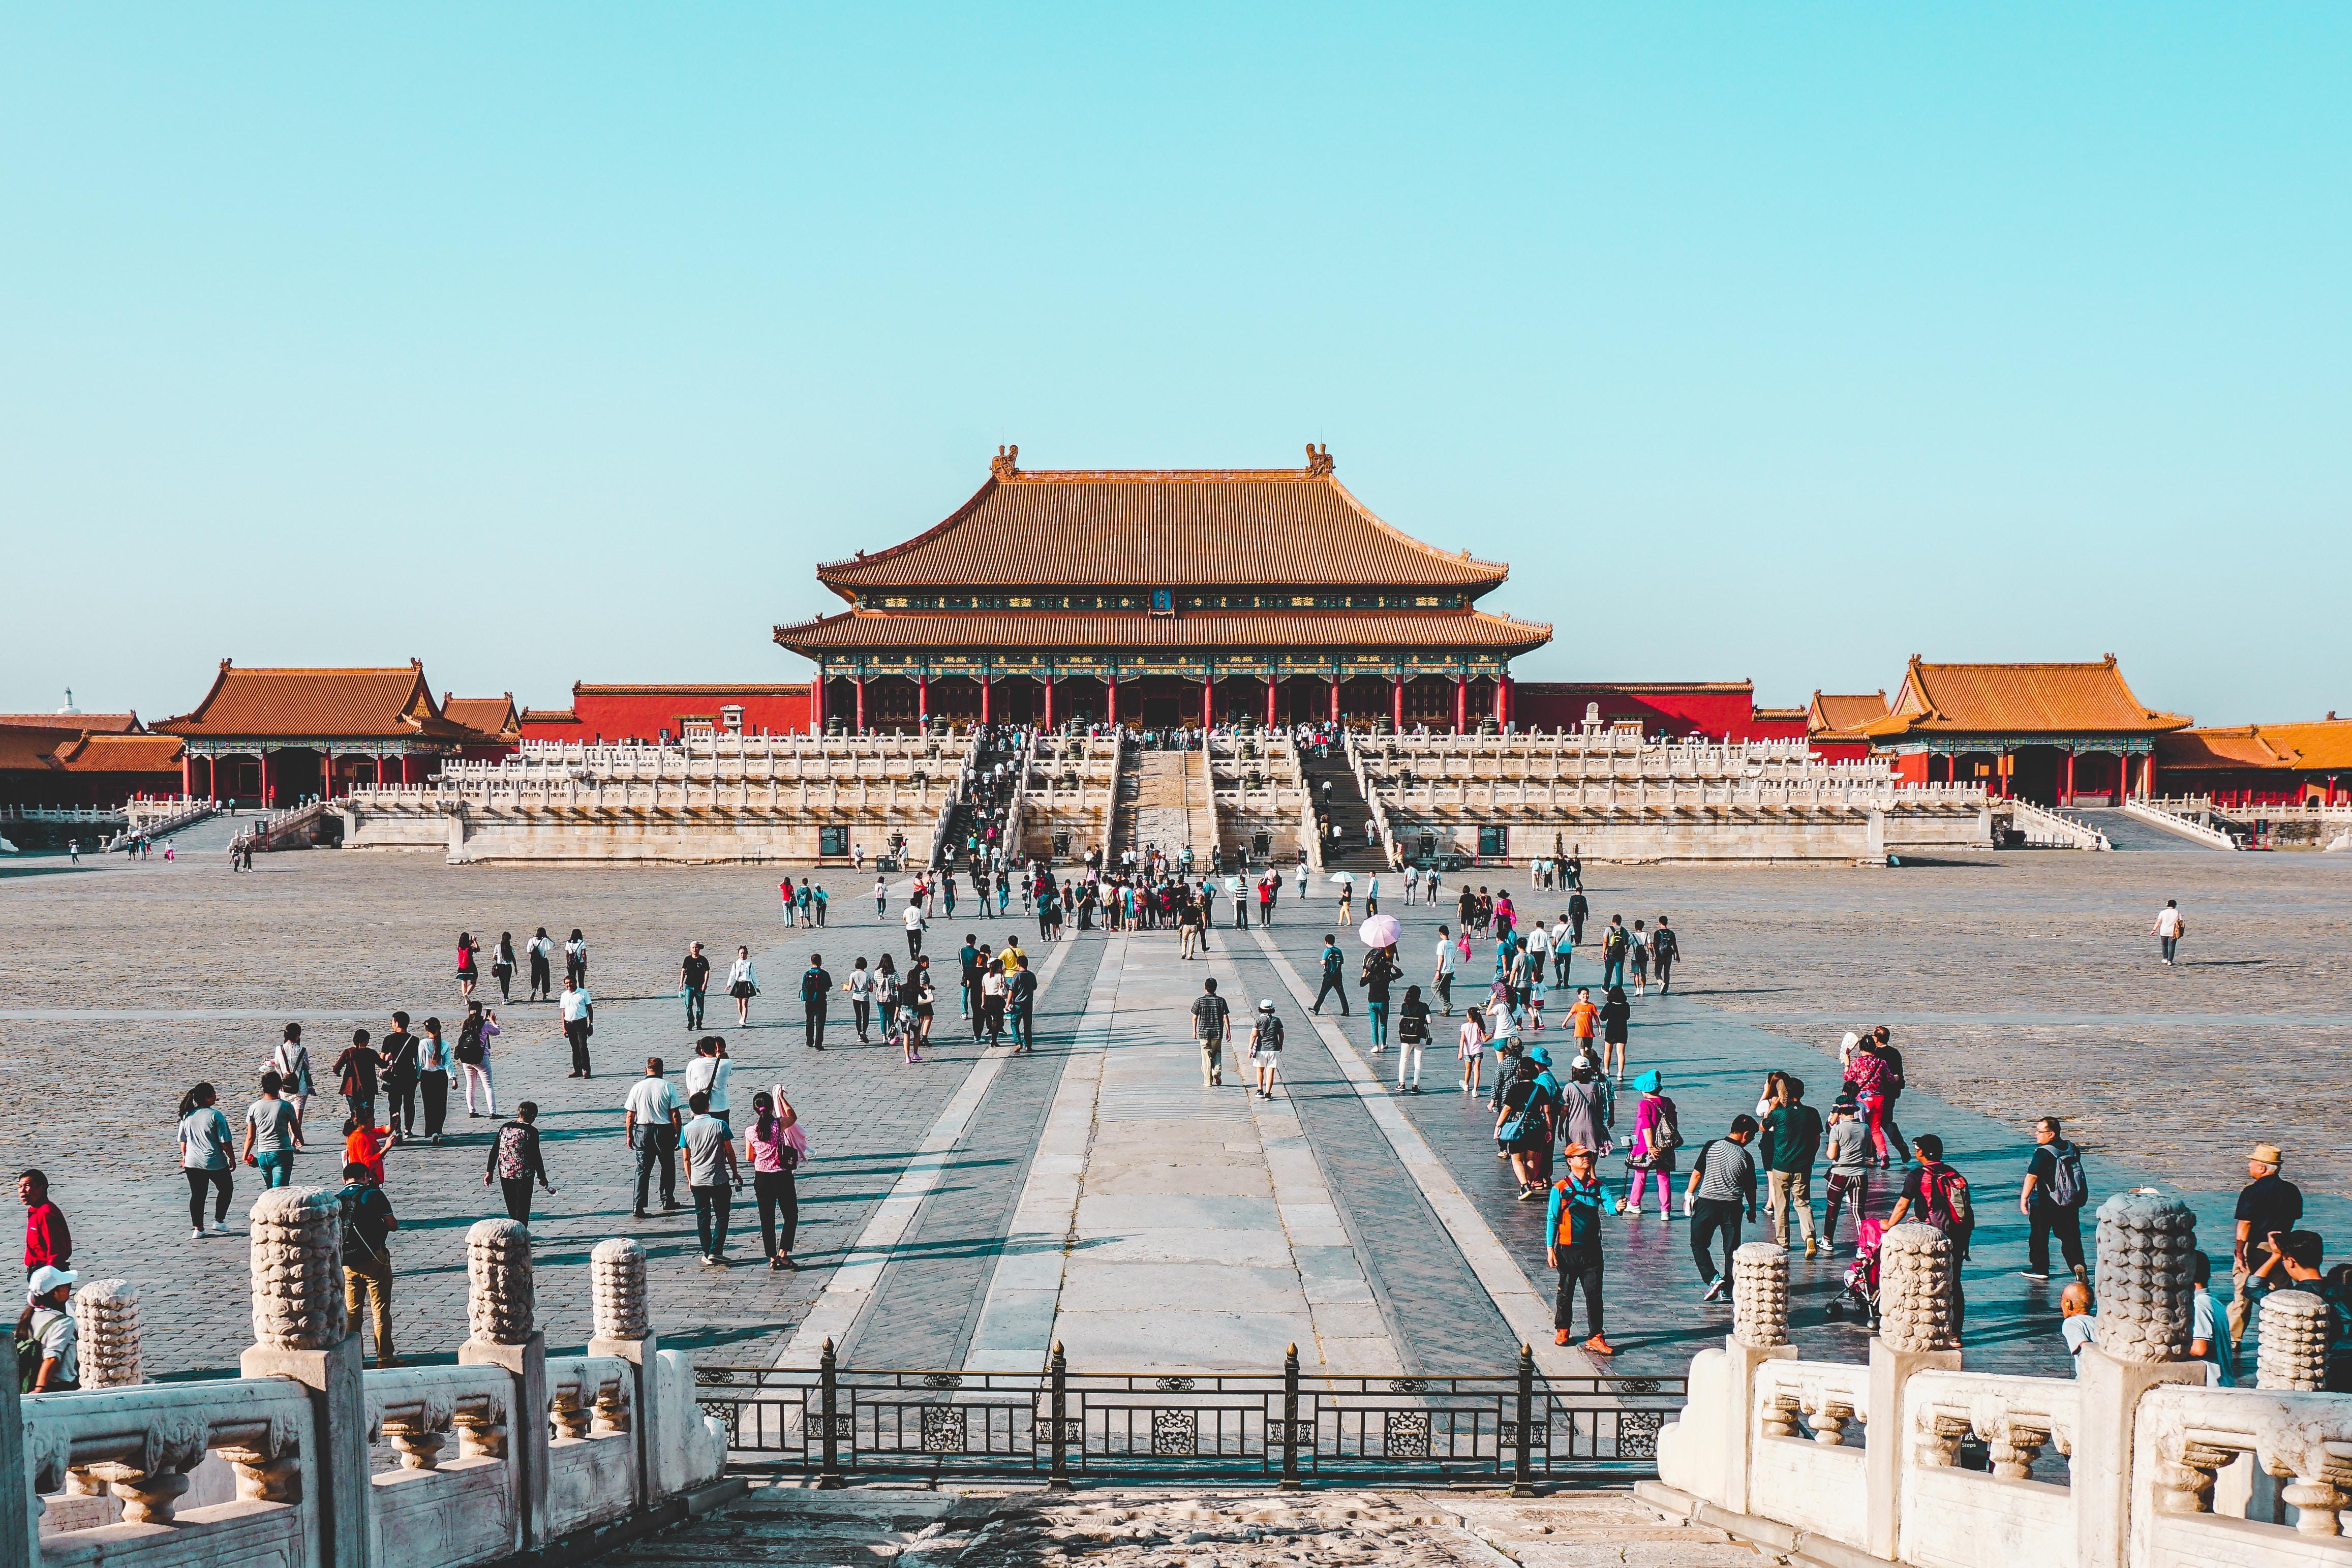 Popolazione Cina 2019: non solo numeri, ma anche opportunità - DBB